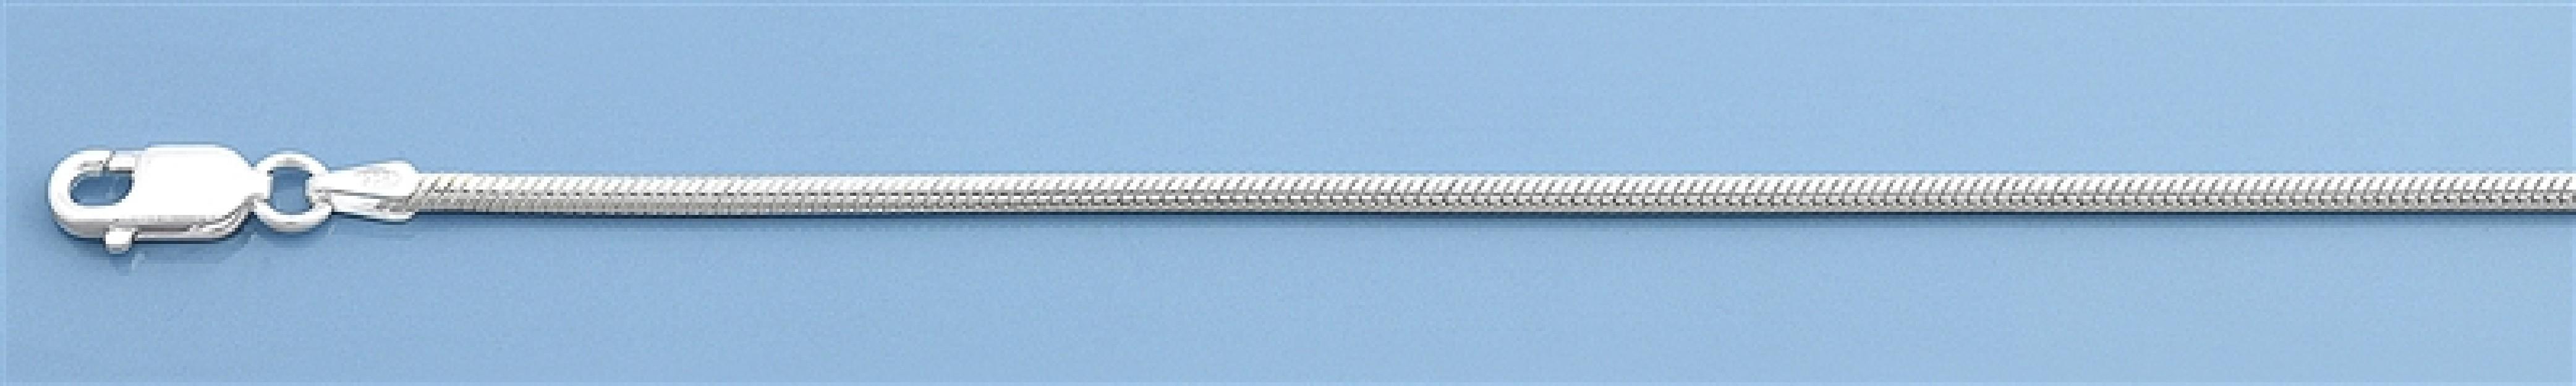 Chaine mixte maille Serpent 0,8 mm argent 925